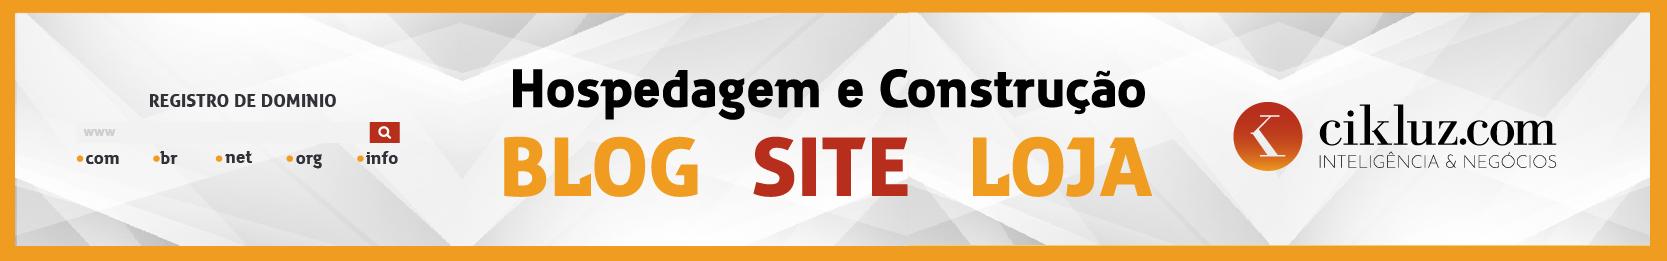 Cikluz.com - Inteligência & Negócios